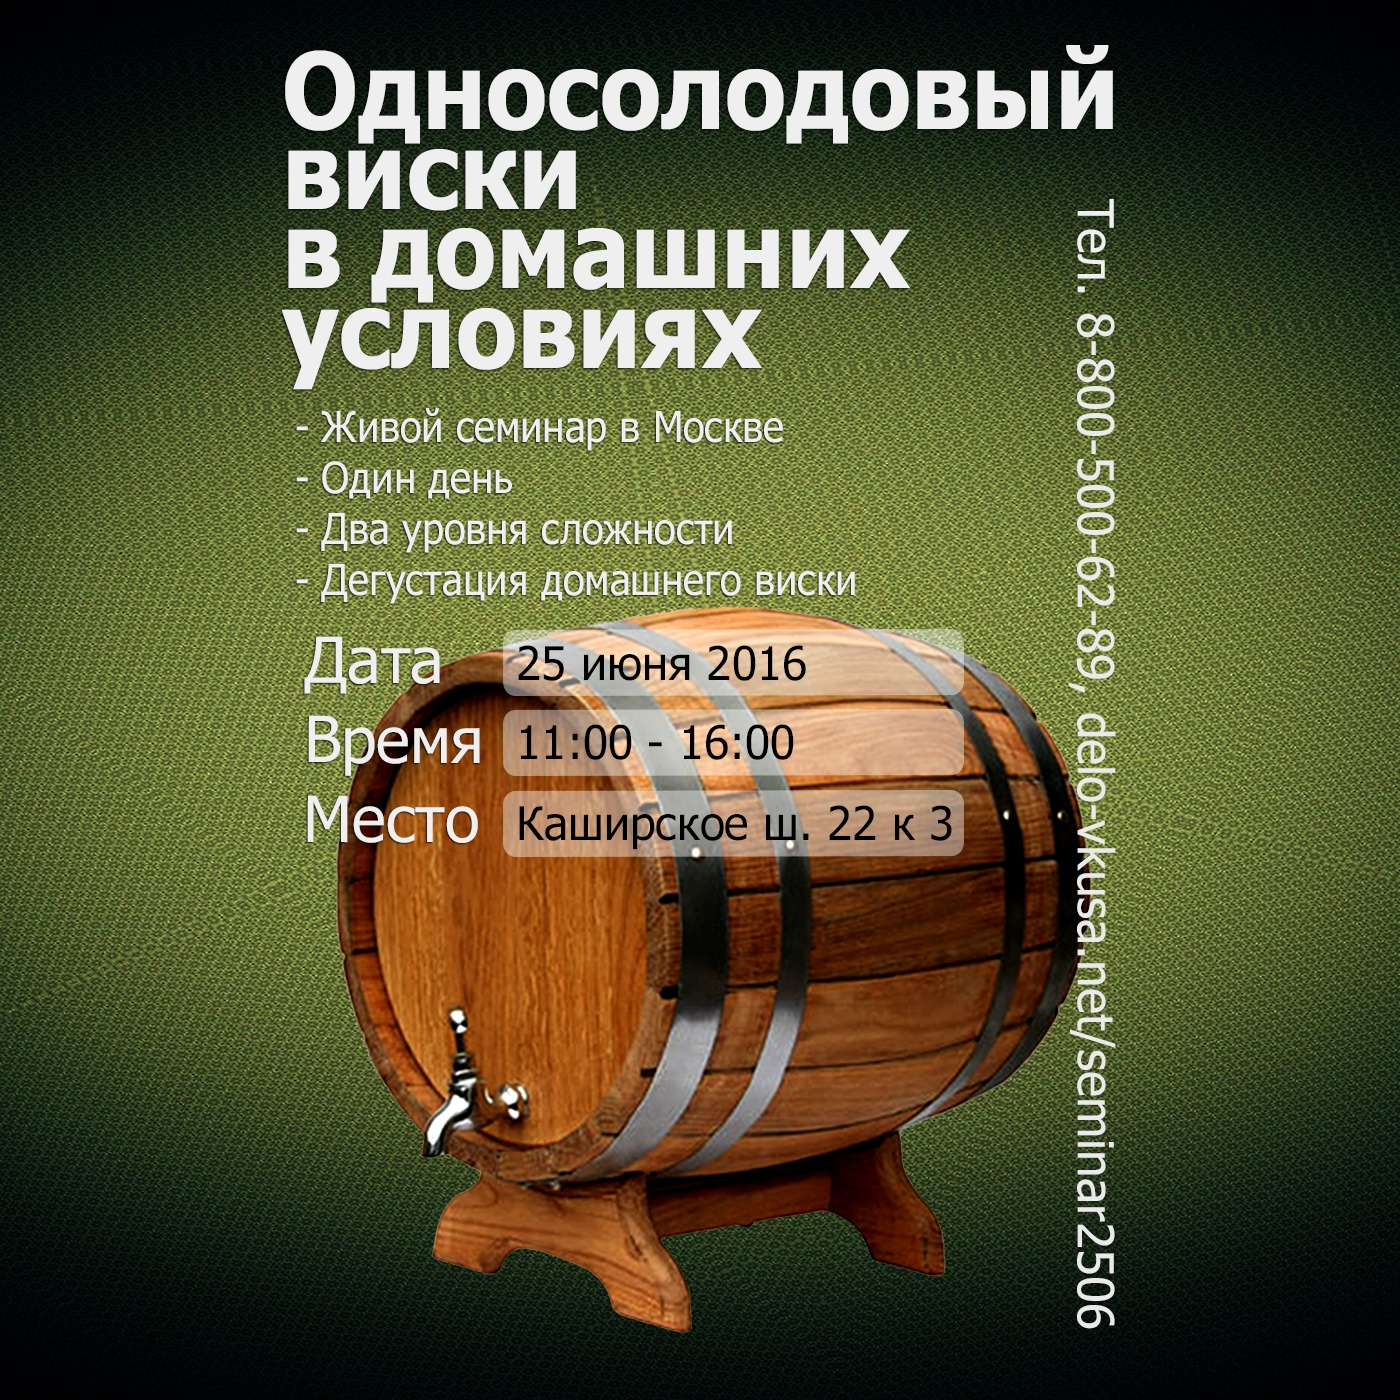 Приготовление виски в домашних условиях из солода